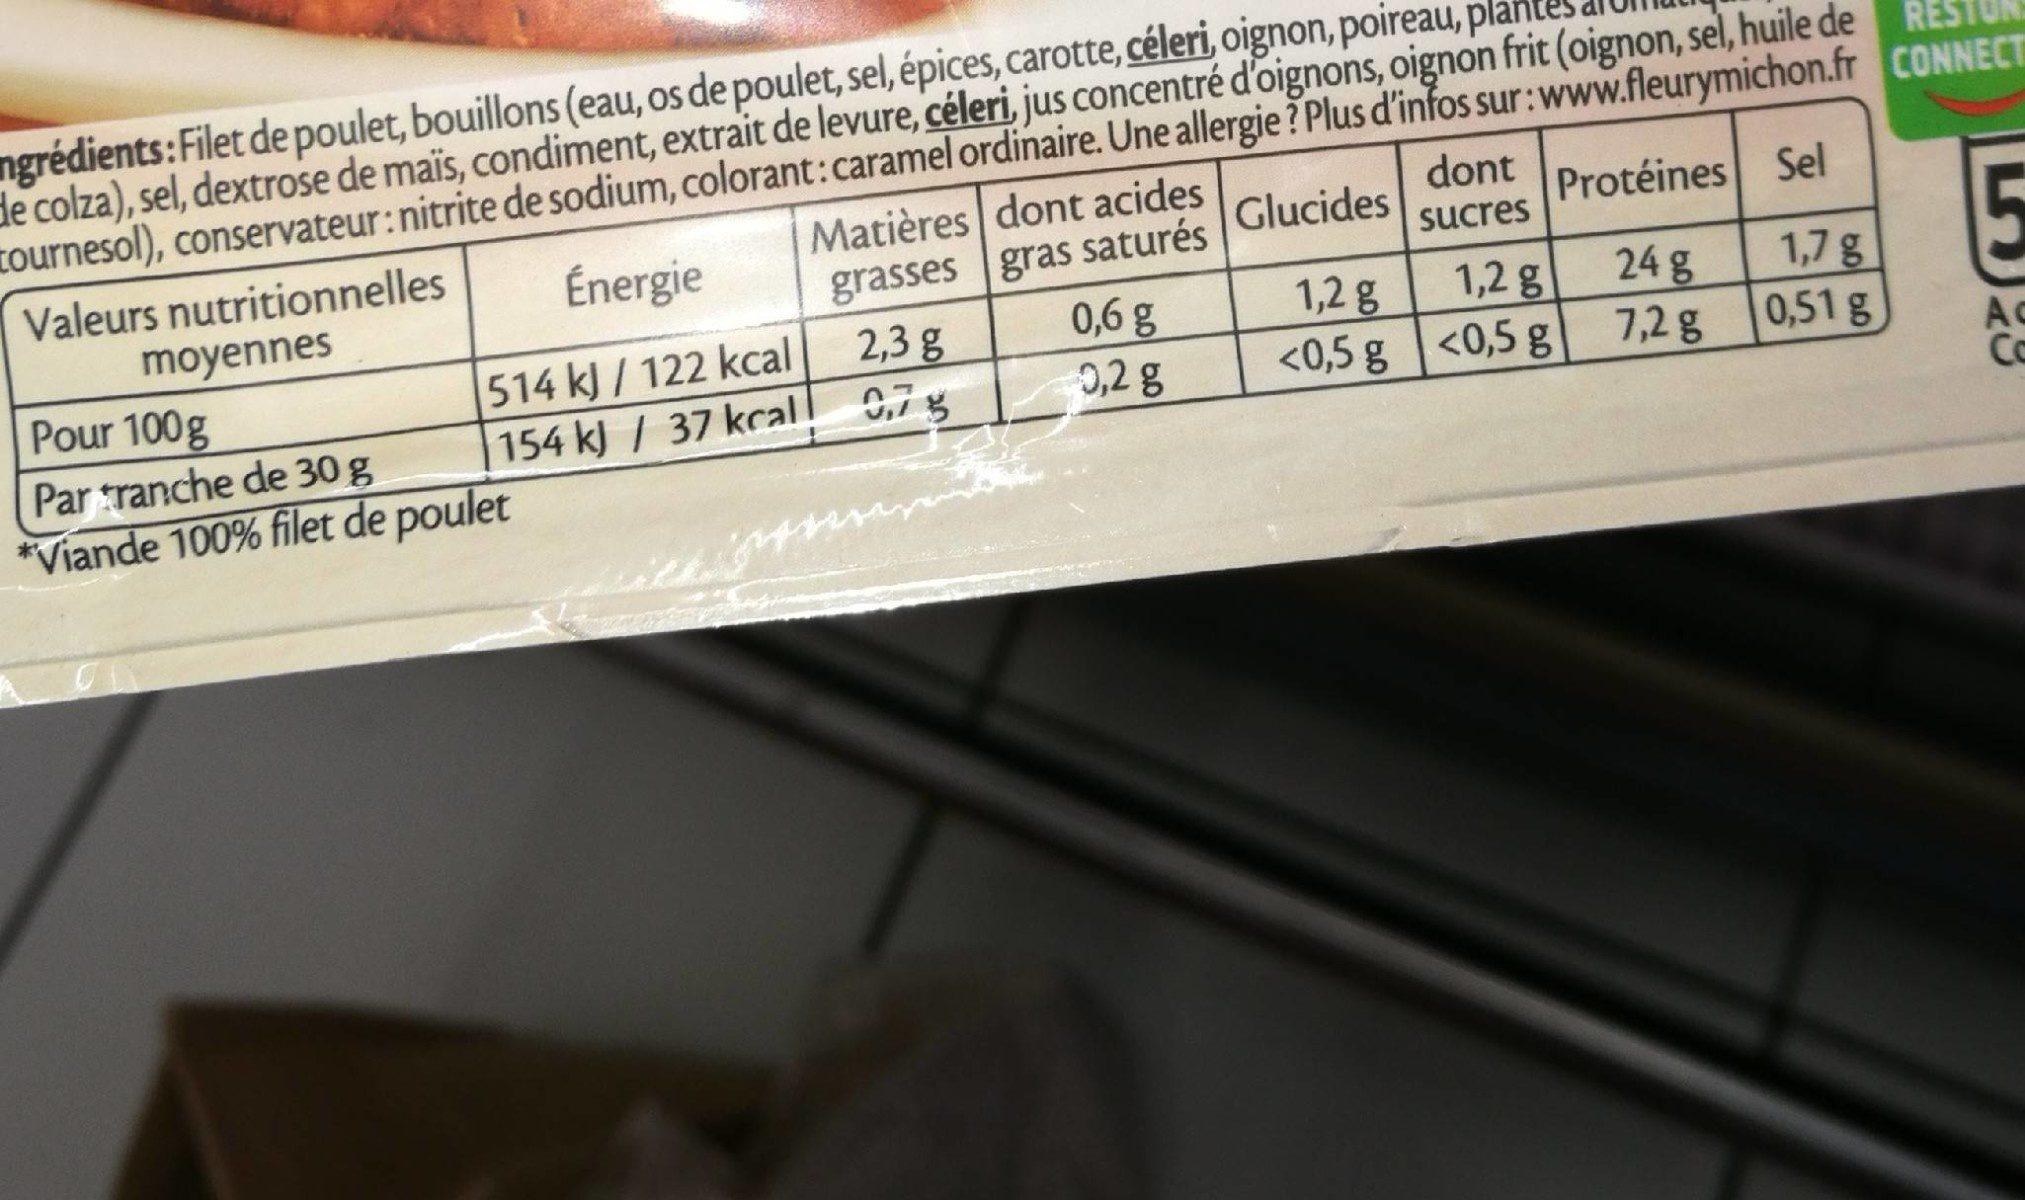 Filet de Poulet - Braisé - Informations nutritionnelles - fr